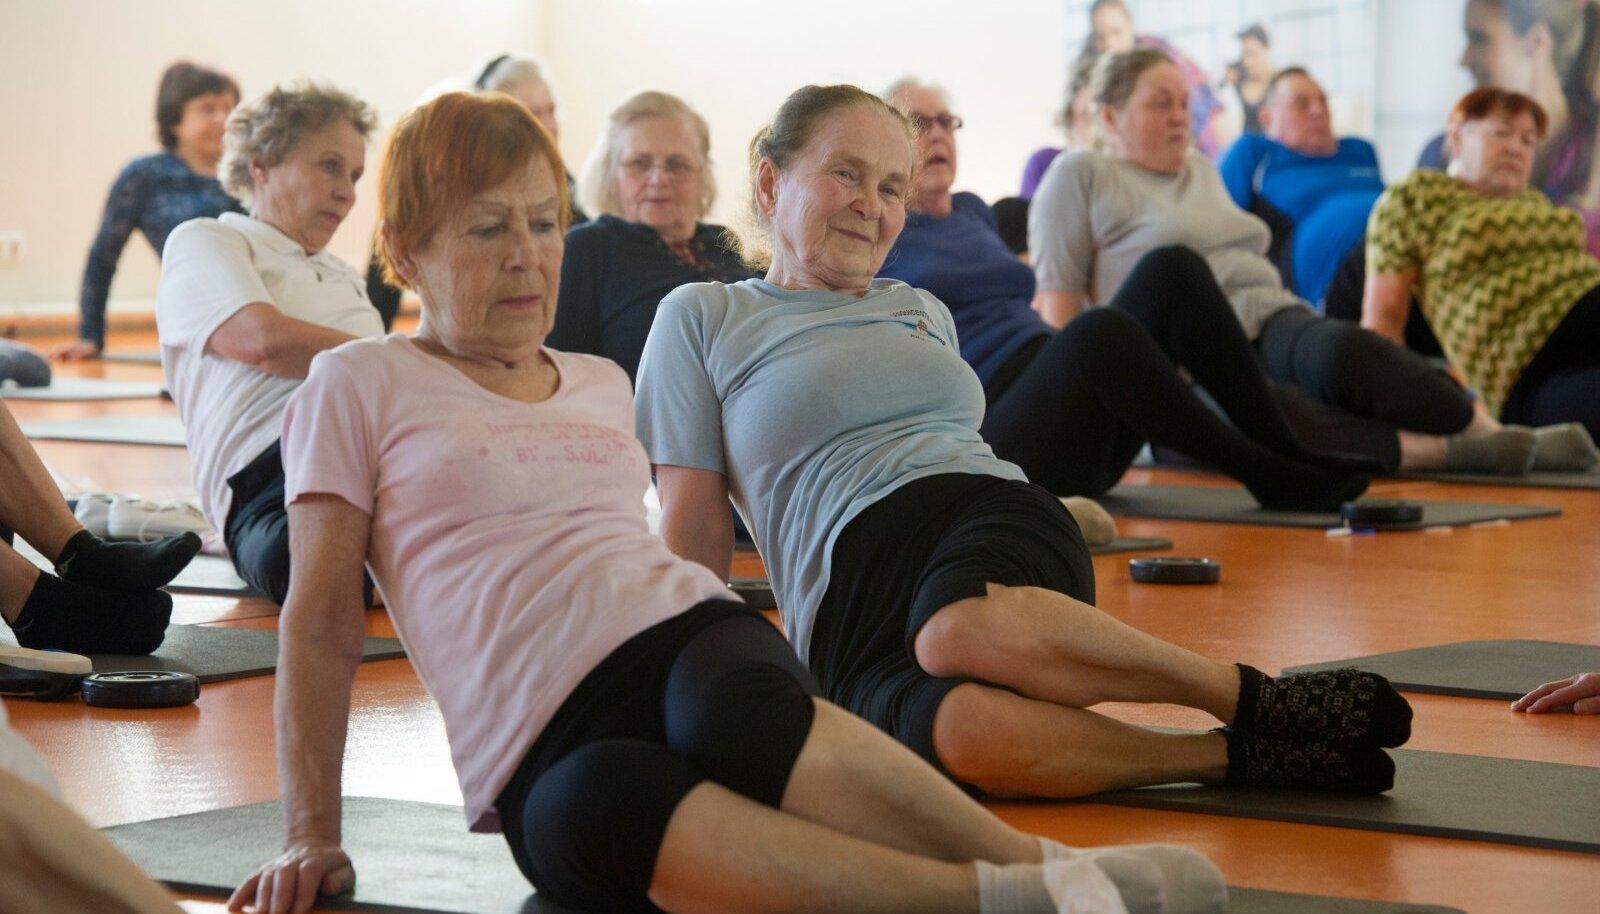 Edaspidi võib Tallinna pensionär saada toetust aktiivsuse eest.